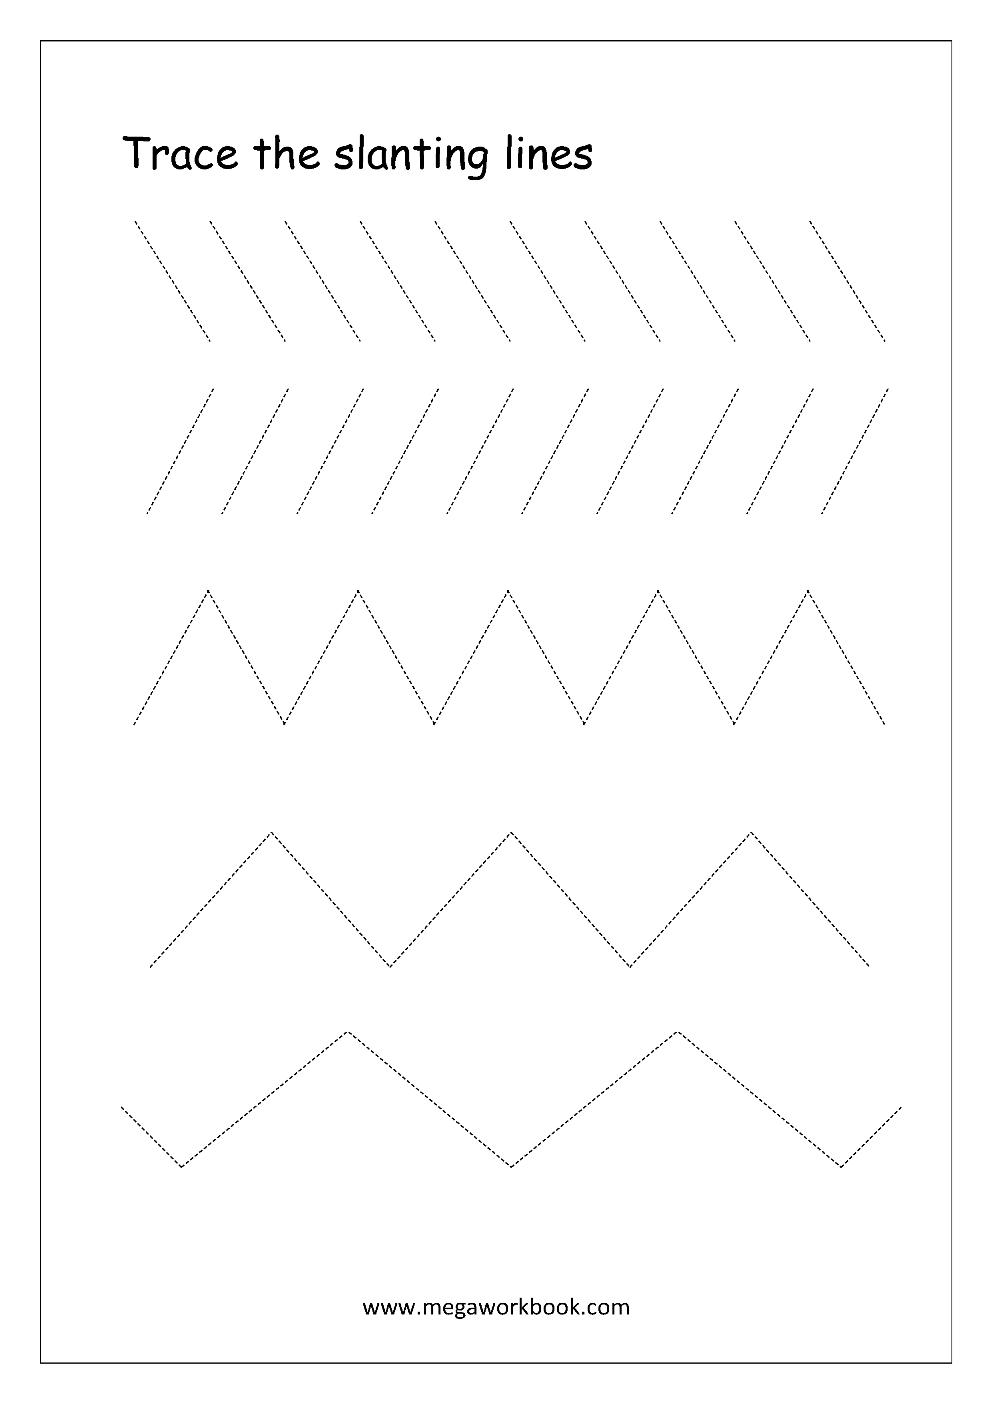 Free Printable Pre Writing Tracing